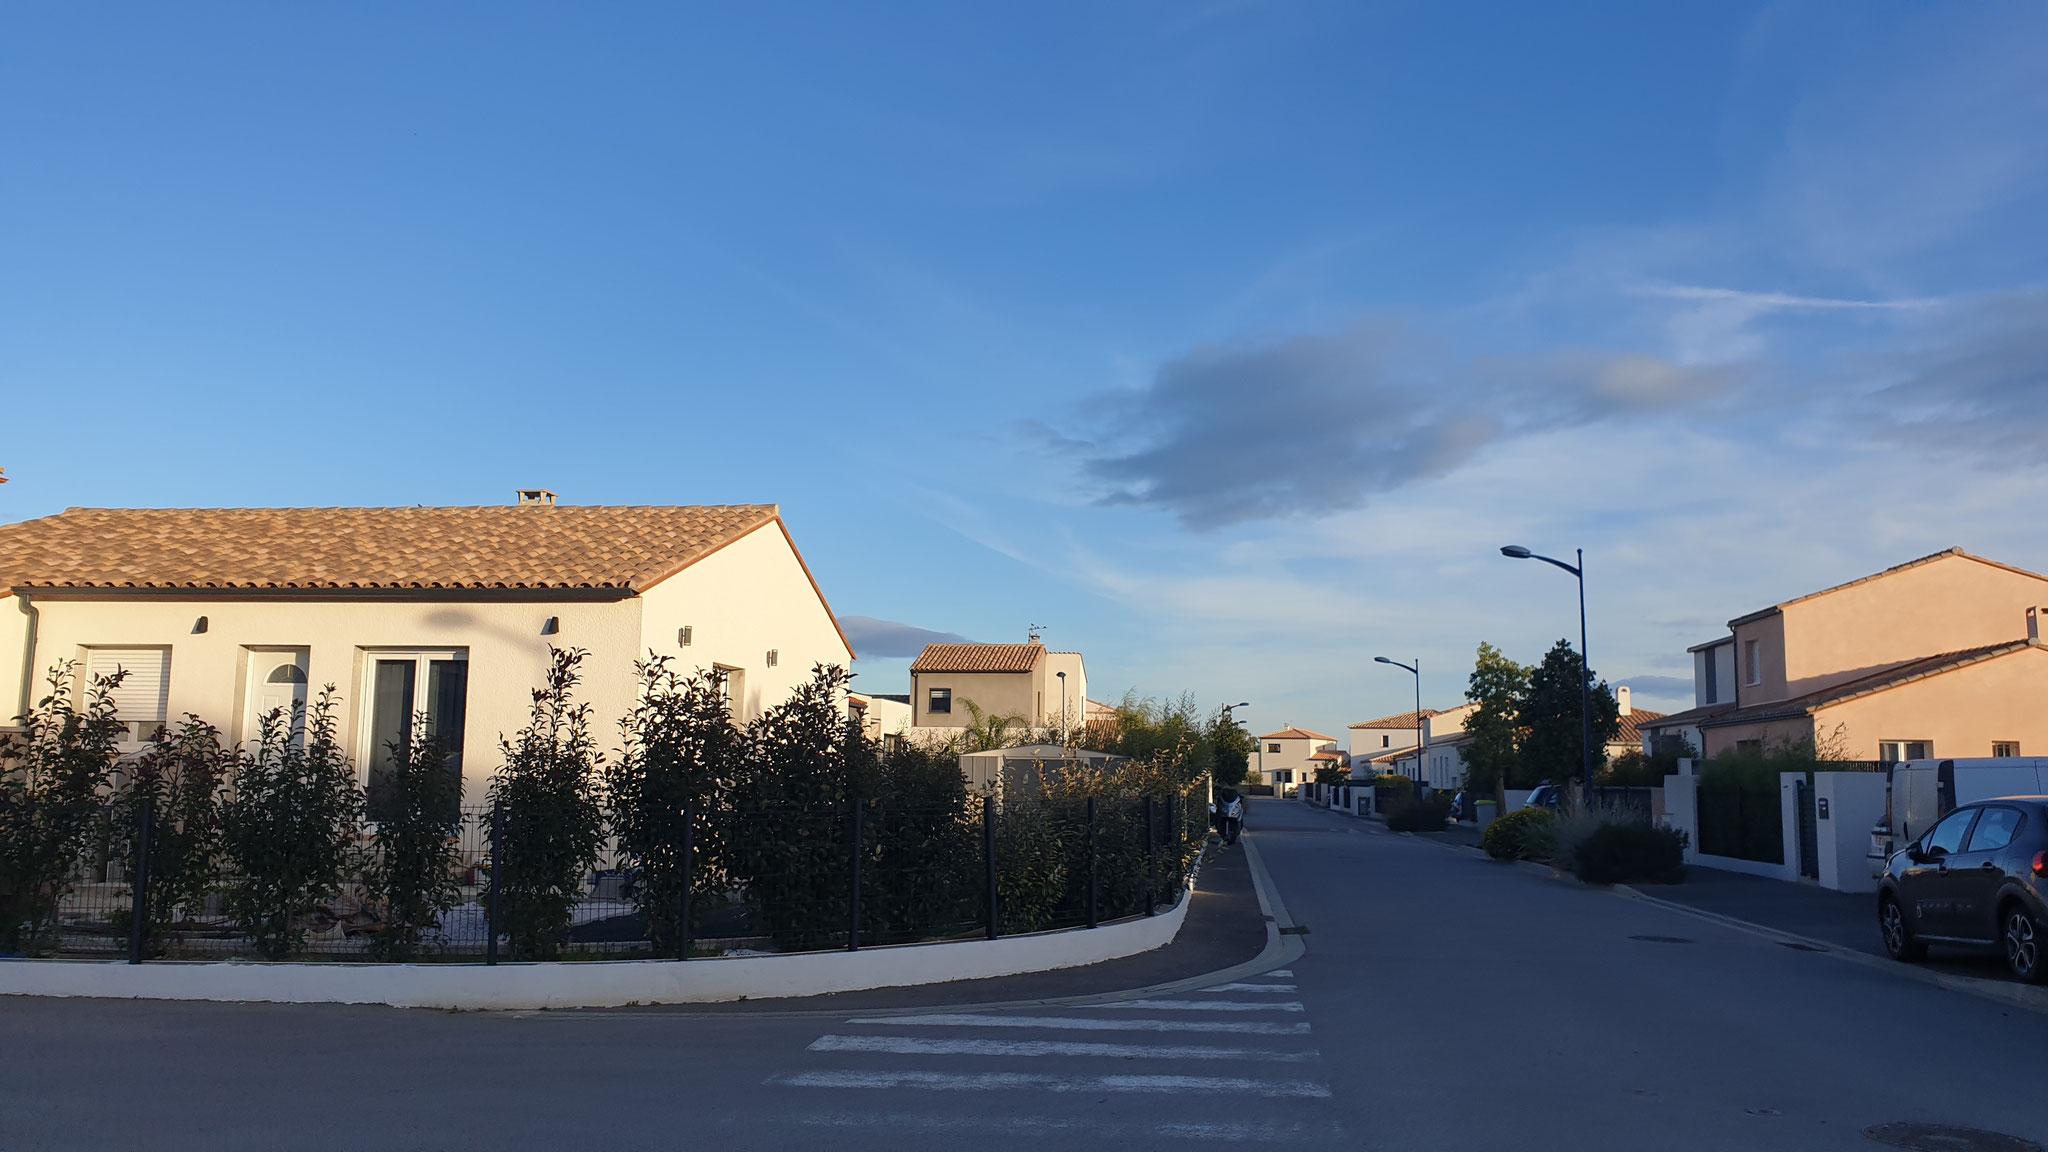 Ein kleiner Spaziergang durch das Dorf...